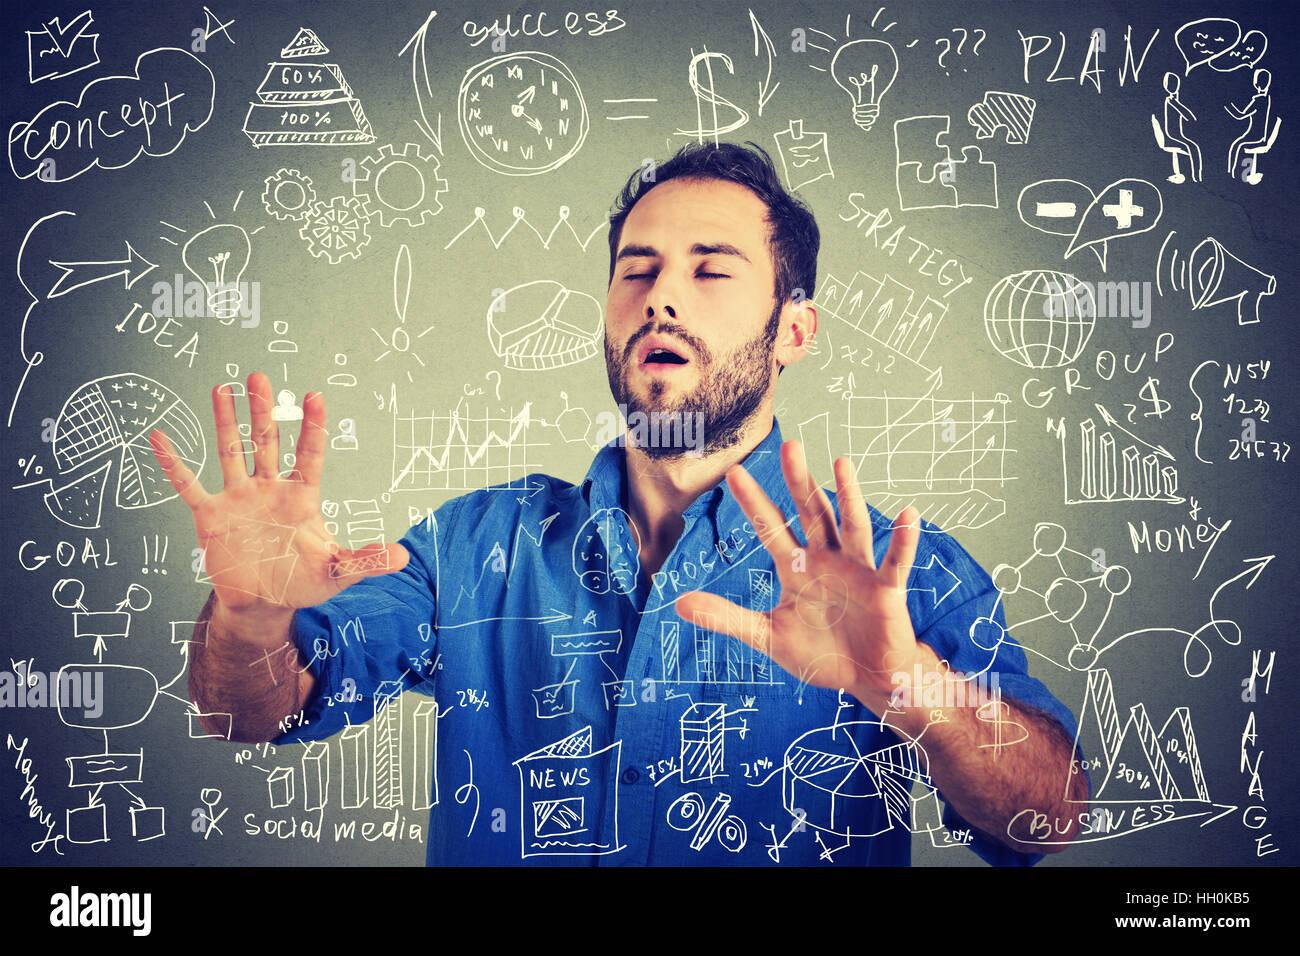 Gli occhi bendati giovane uomo d'affari alla ricerca a piedi attraverso complicati social media dati finanziari Immagini Stock